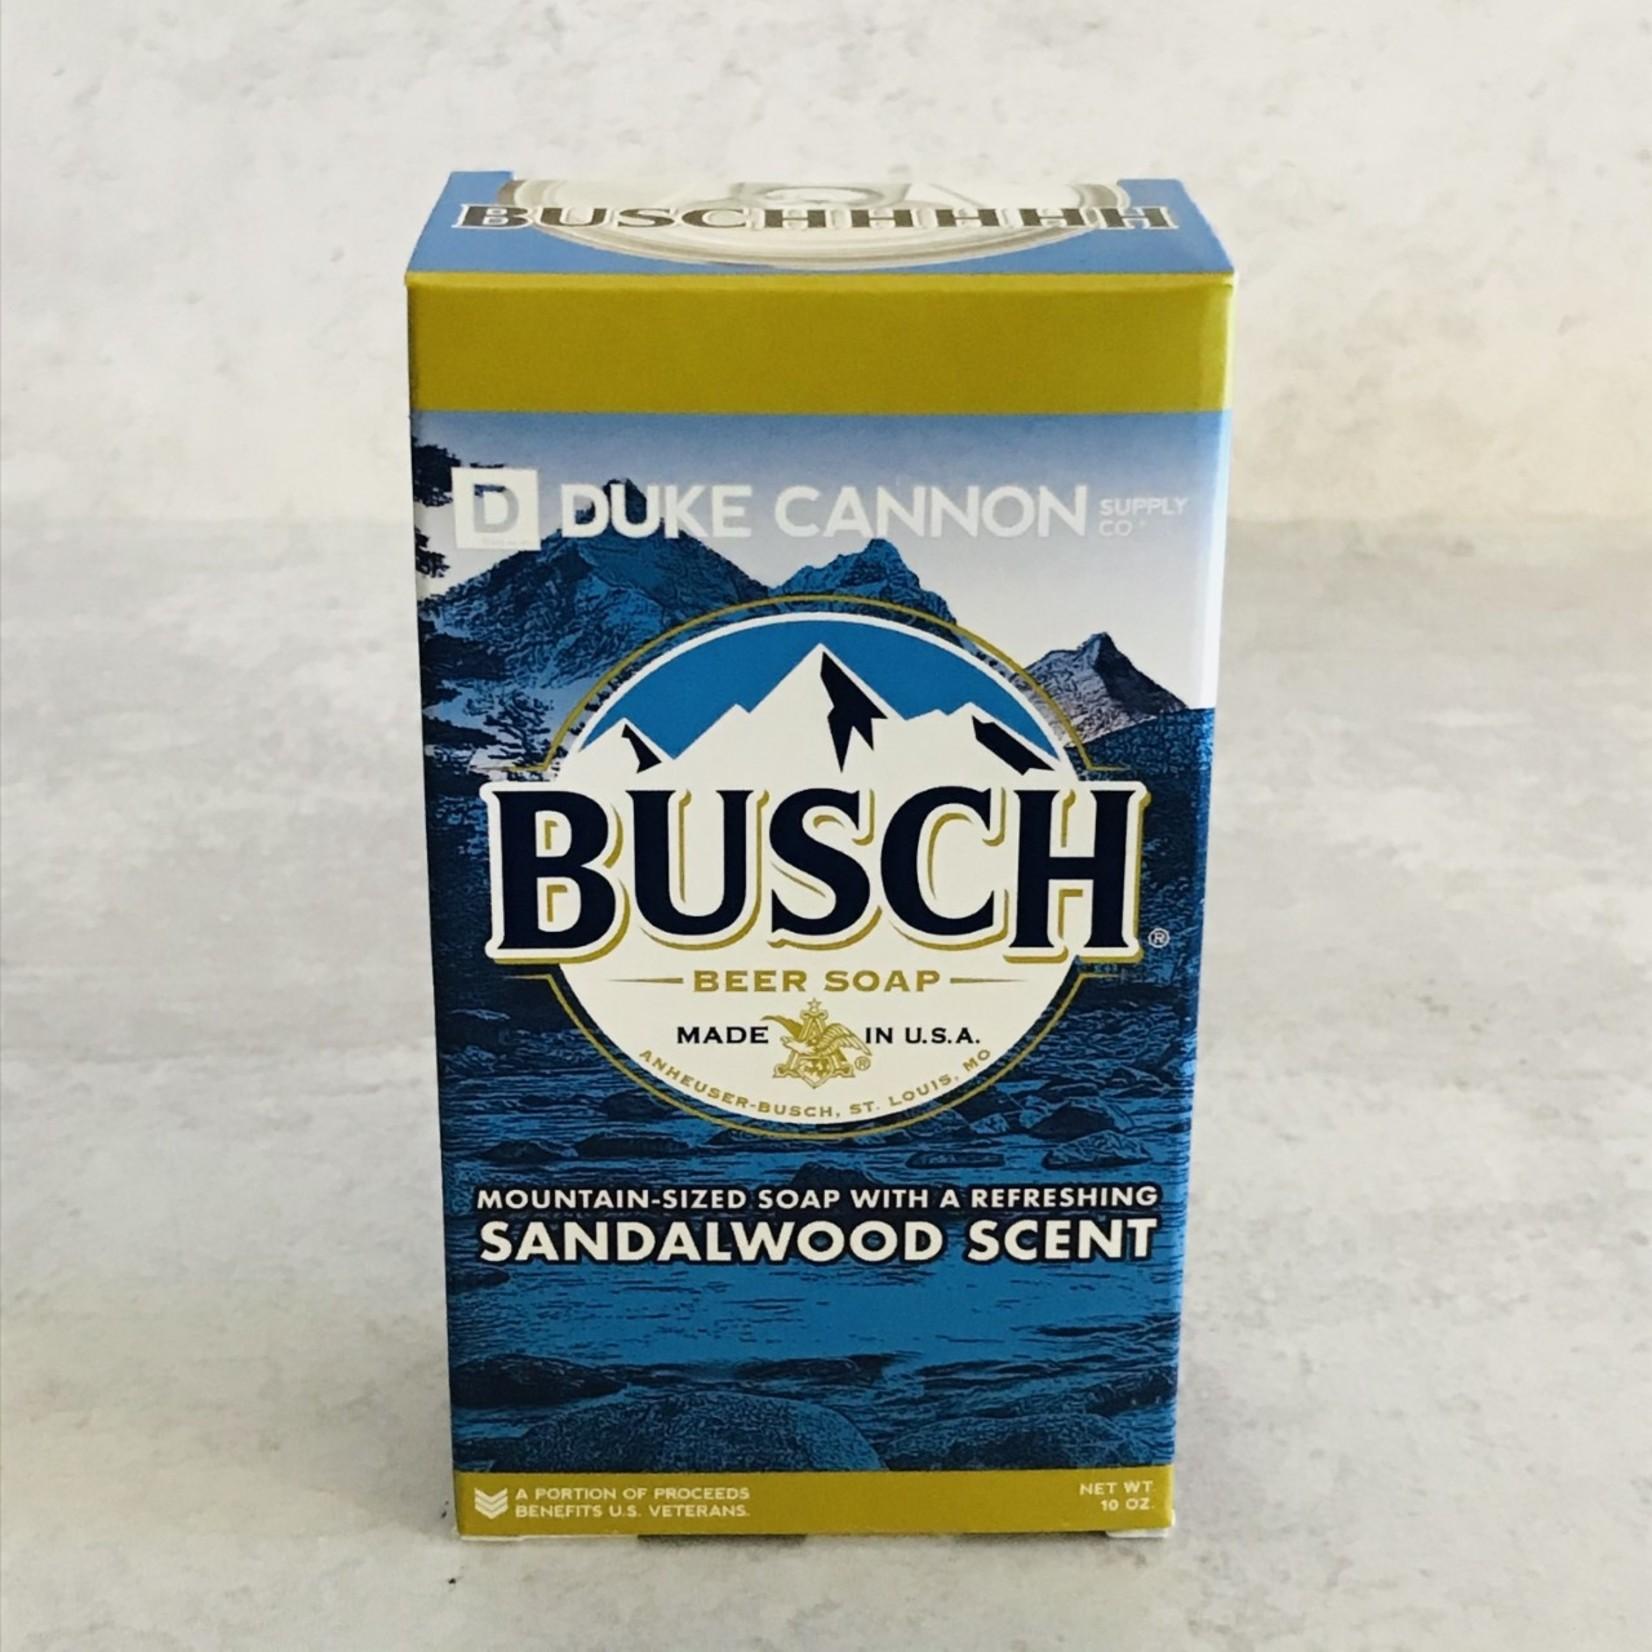 Duke Cannon Duke Cannon Busch Beer Soap